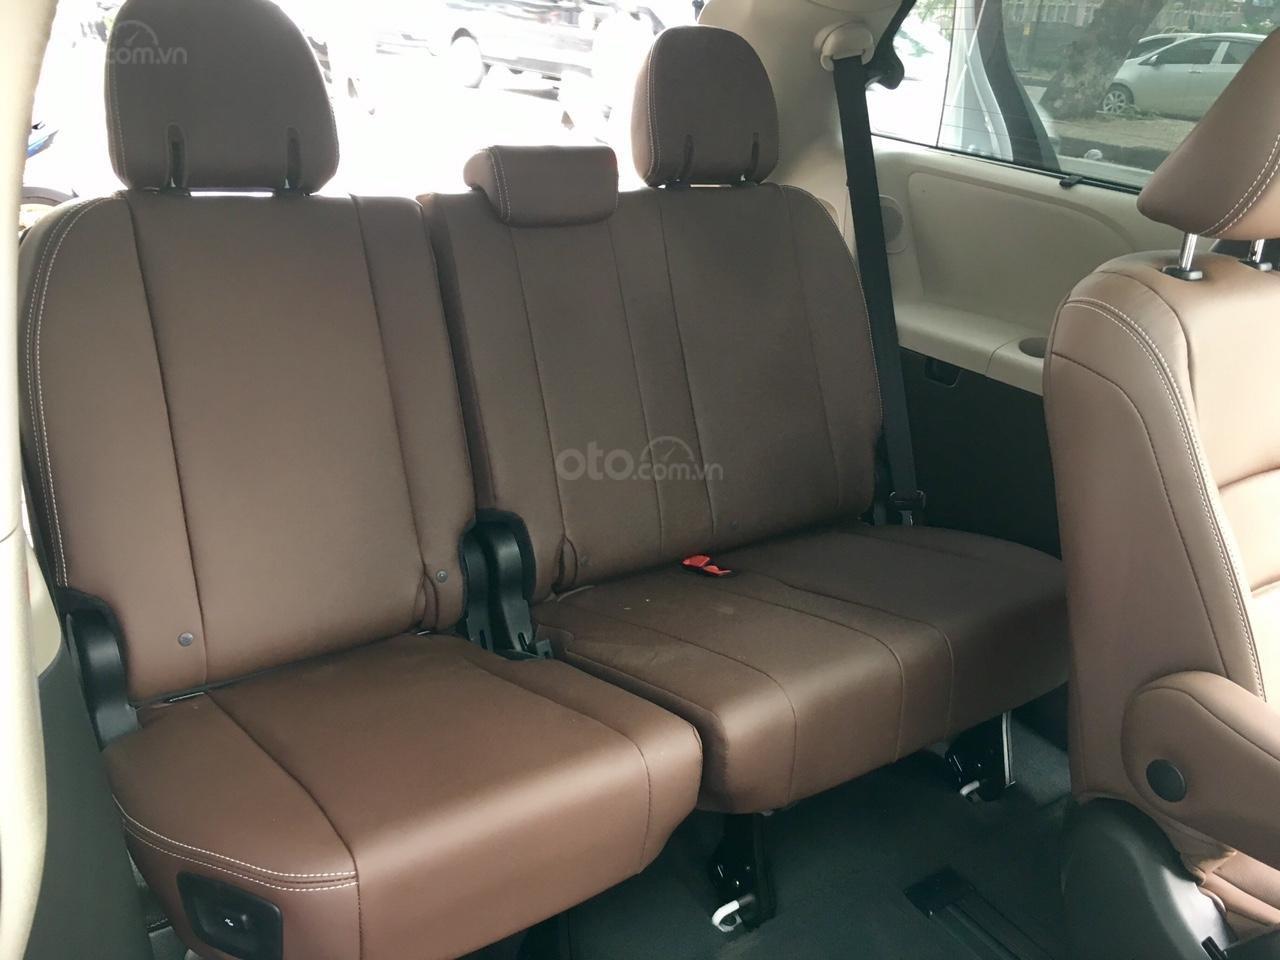 Bán Toyota Sienna Limited 2020 bản 1 cầu, giá tốt, nhập Mỹ giao ngay toàn quốc- LH 0945.39.2468 Ms Hương (12)